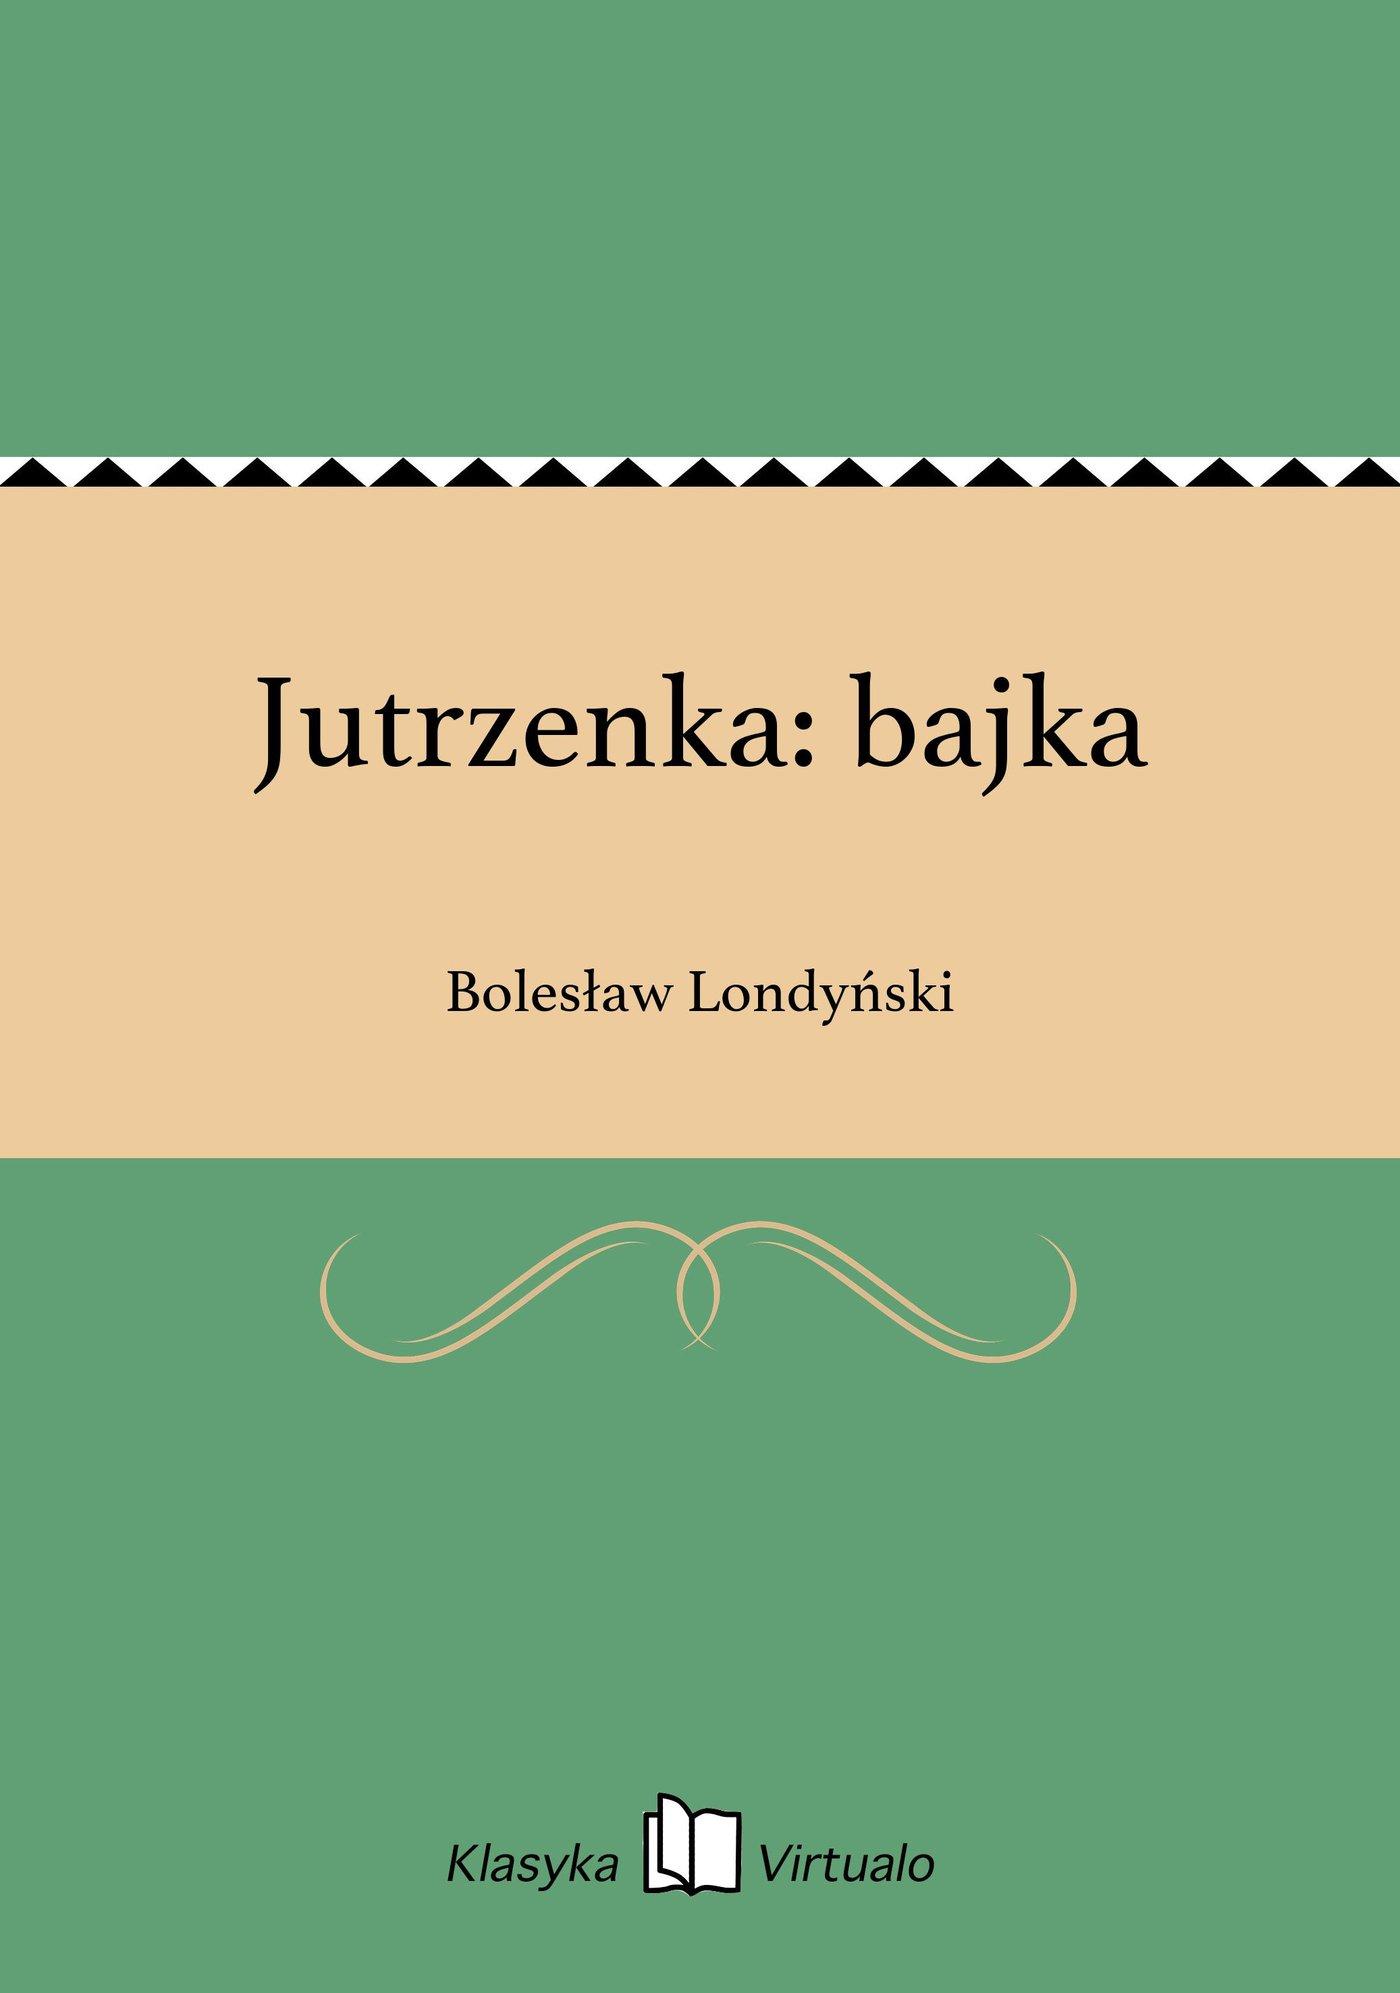 Jutrzenka: bajka - Ebook (Książka EPUB) do pobrania w formacie EPUB